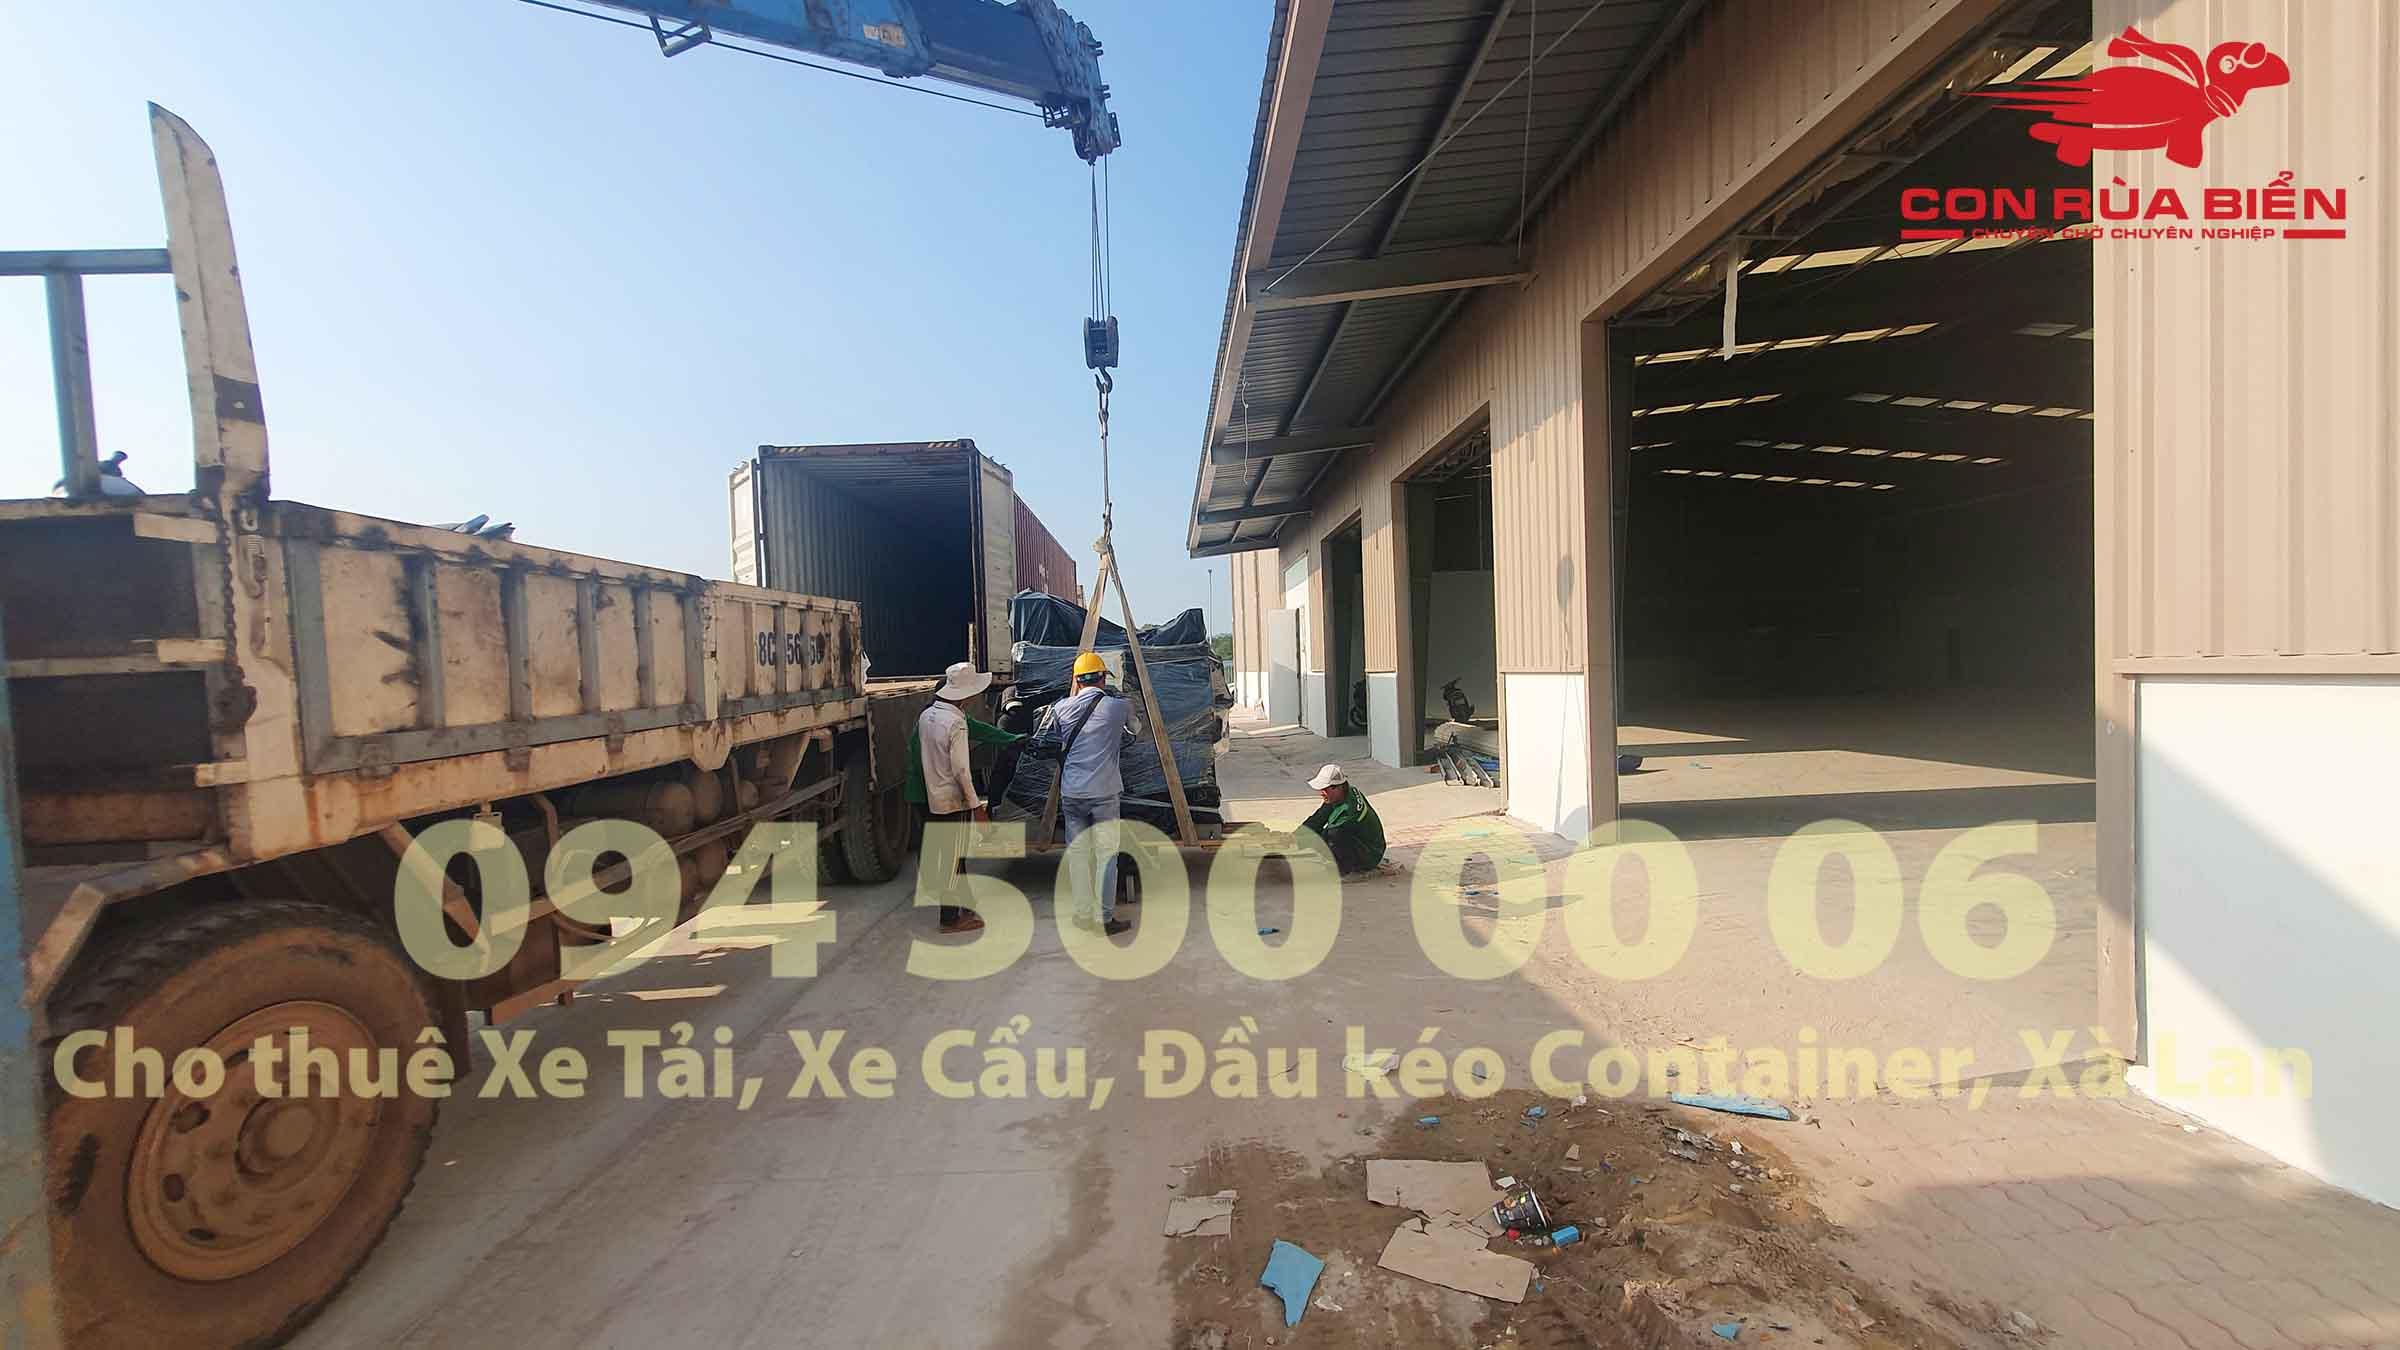 Du an Van chuyen May Giat Say Cong Nghiep di Phu Quoc 22